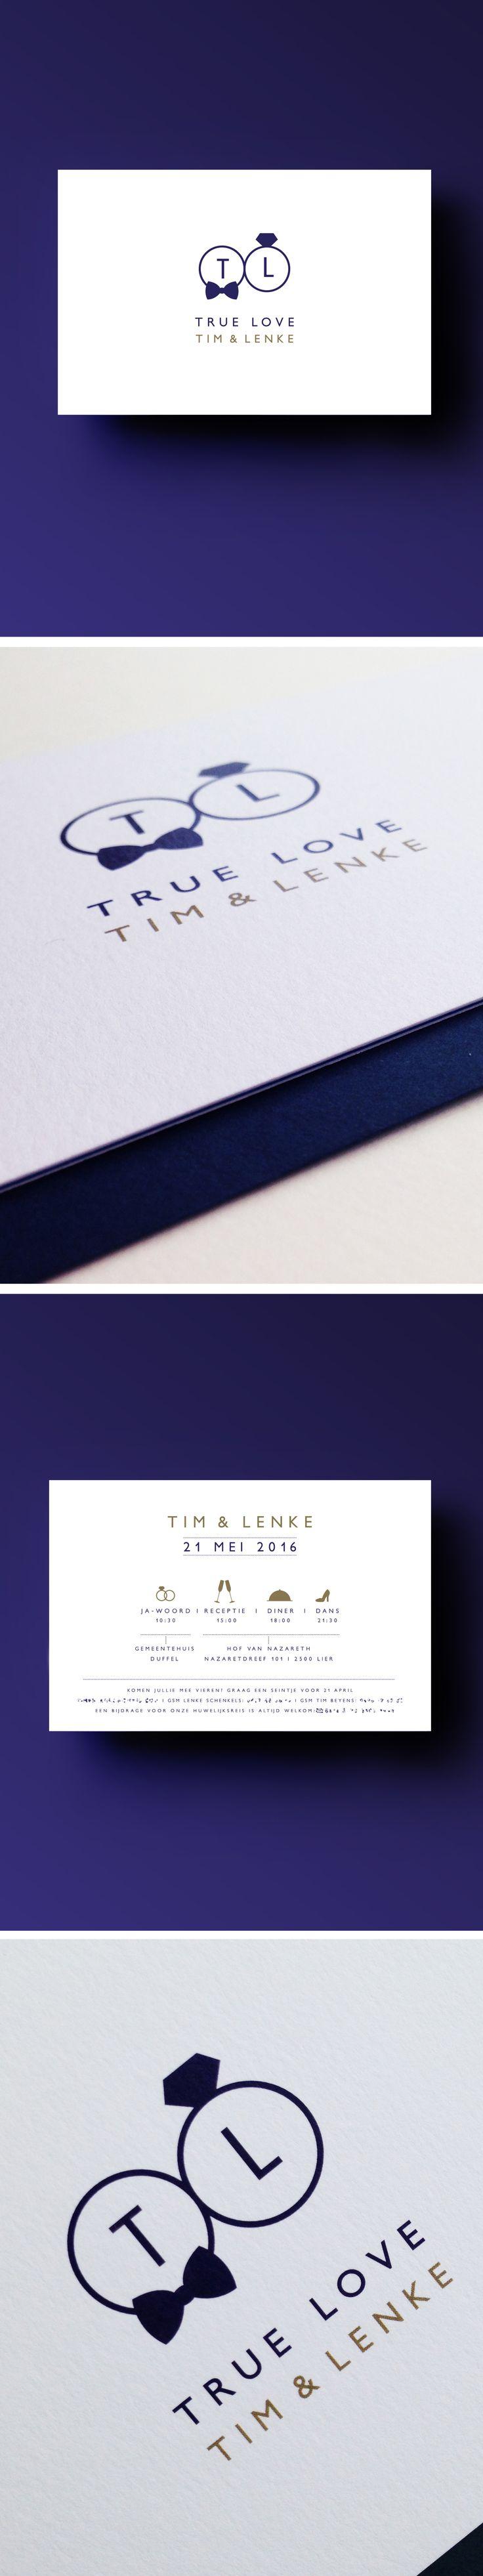 Tim & Lenke // True Love // initialen // ringen // trouwuitnodiging // strak // eenvoud